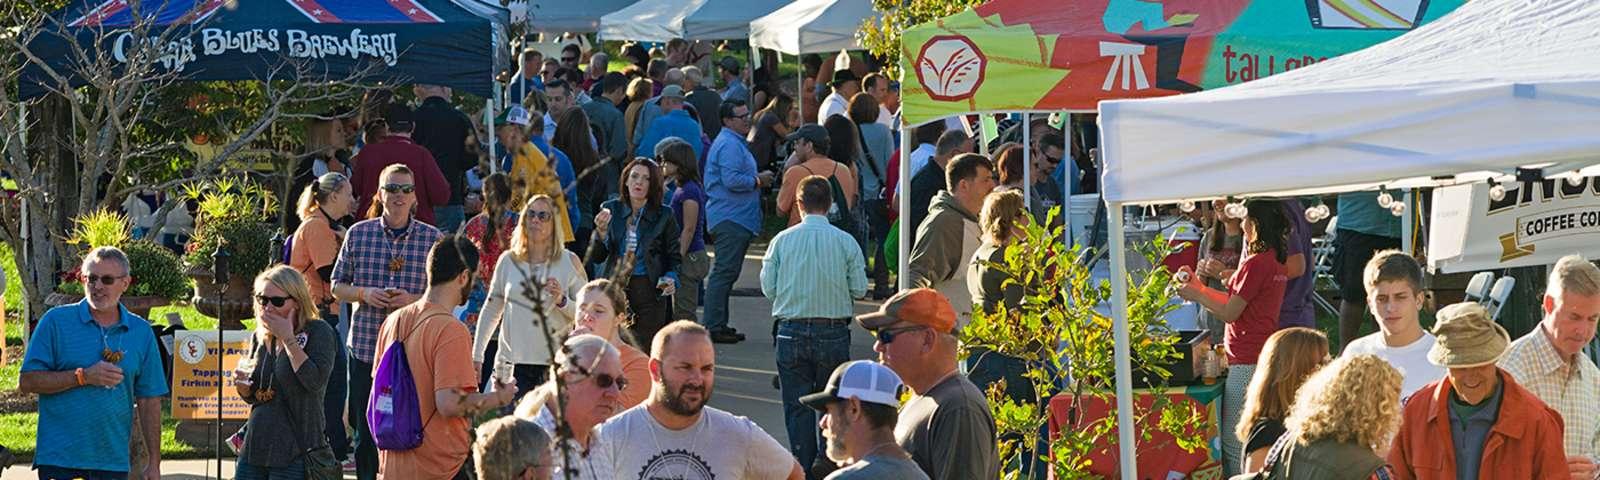 Brewfest Vendors